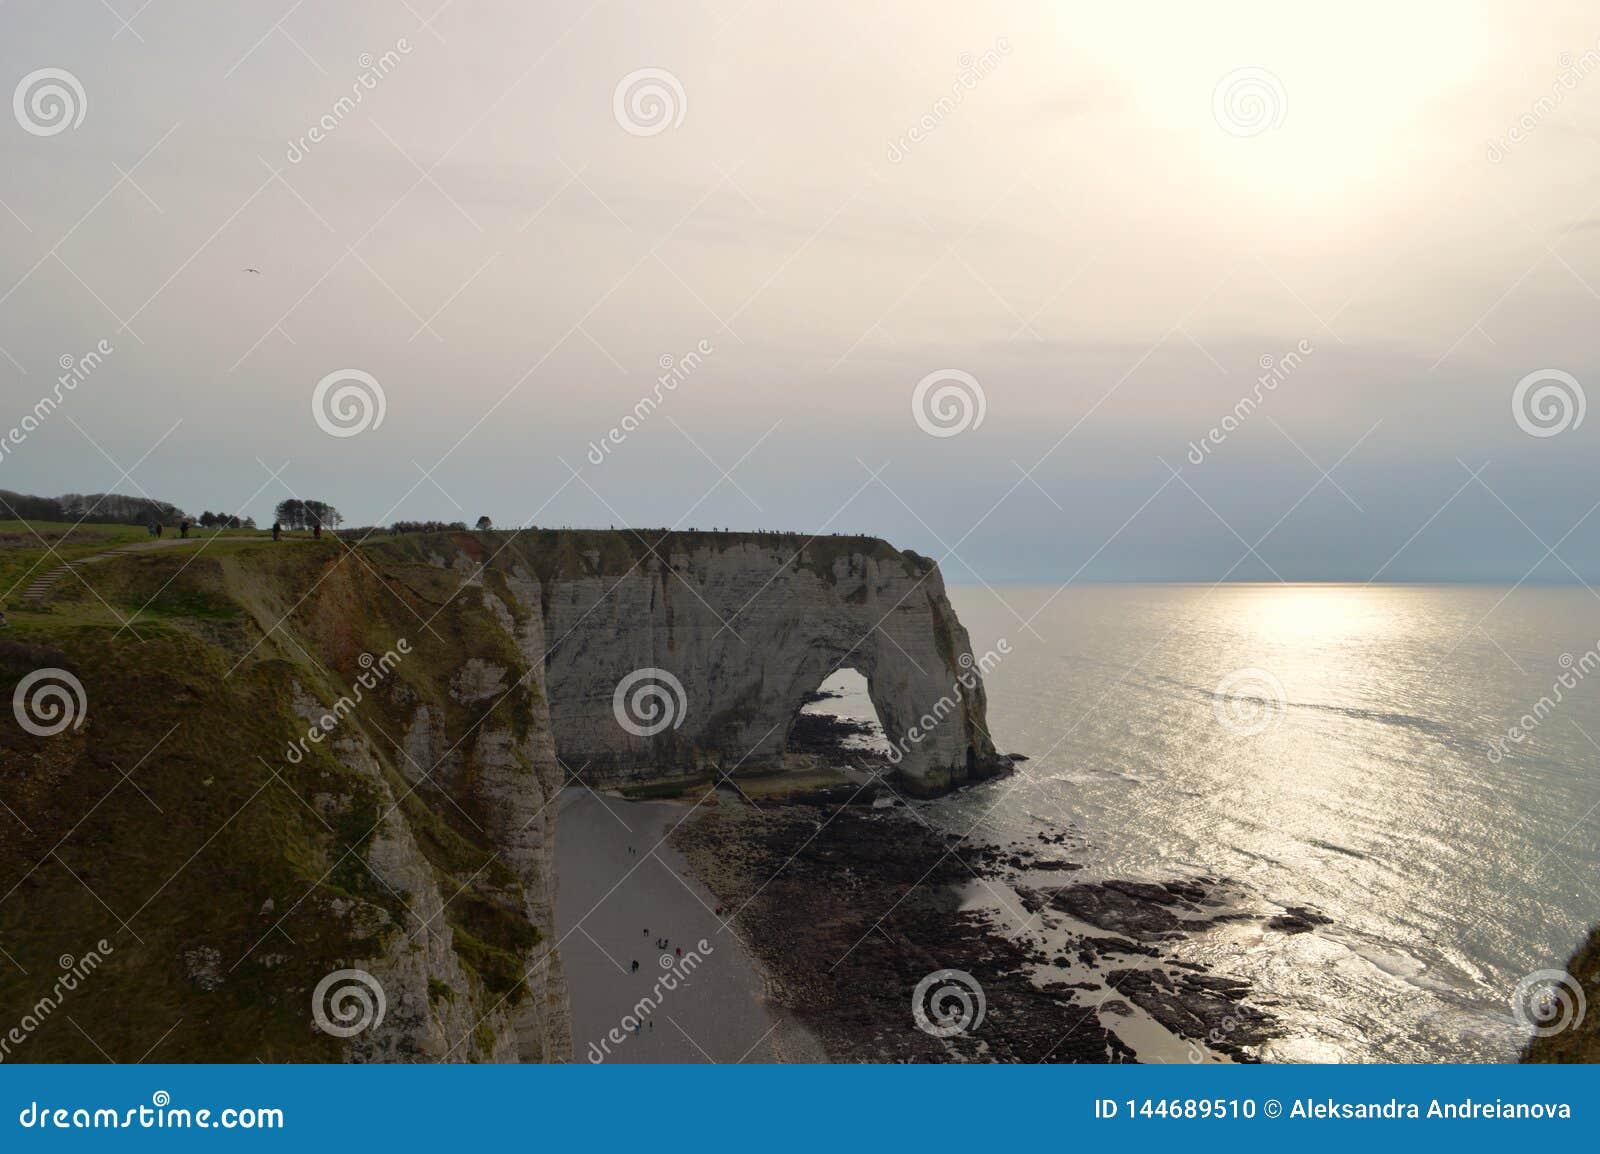 Ansicht von Normandies Klippen Etretat - Sonnenuntergang Natur, Ozean, Felsen und Himmel